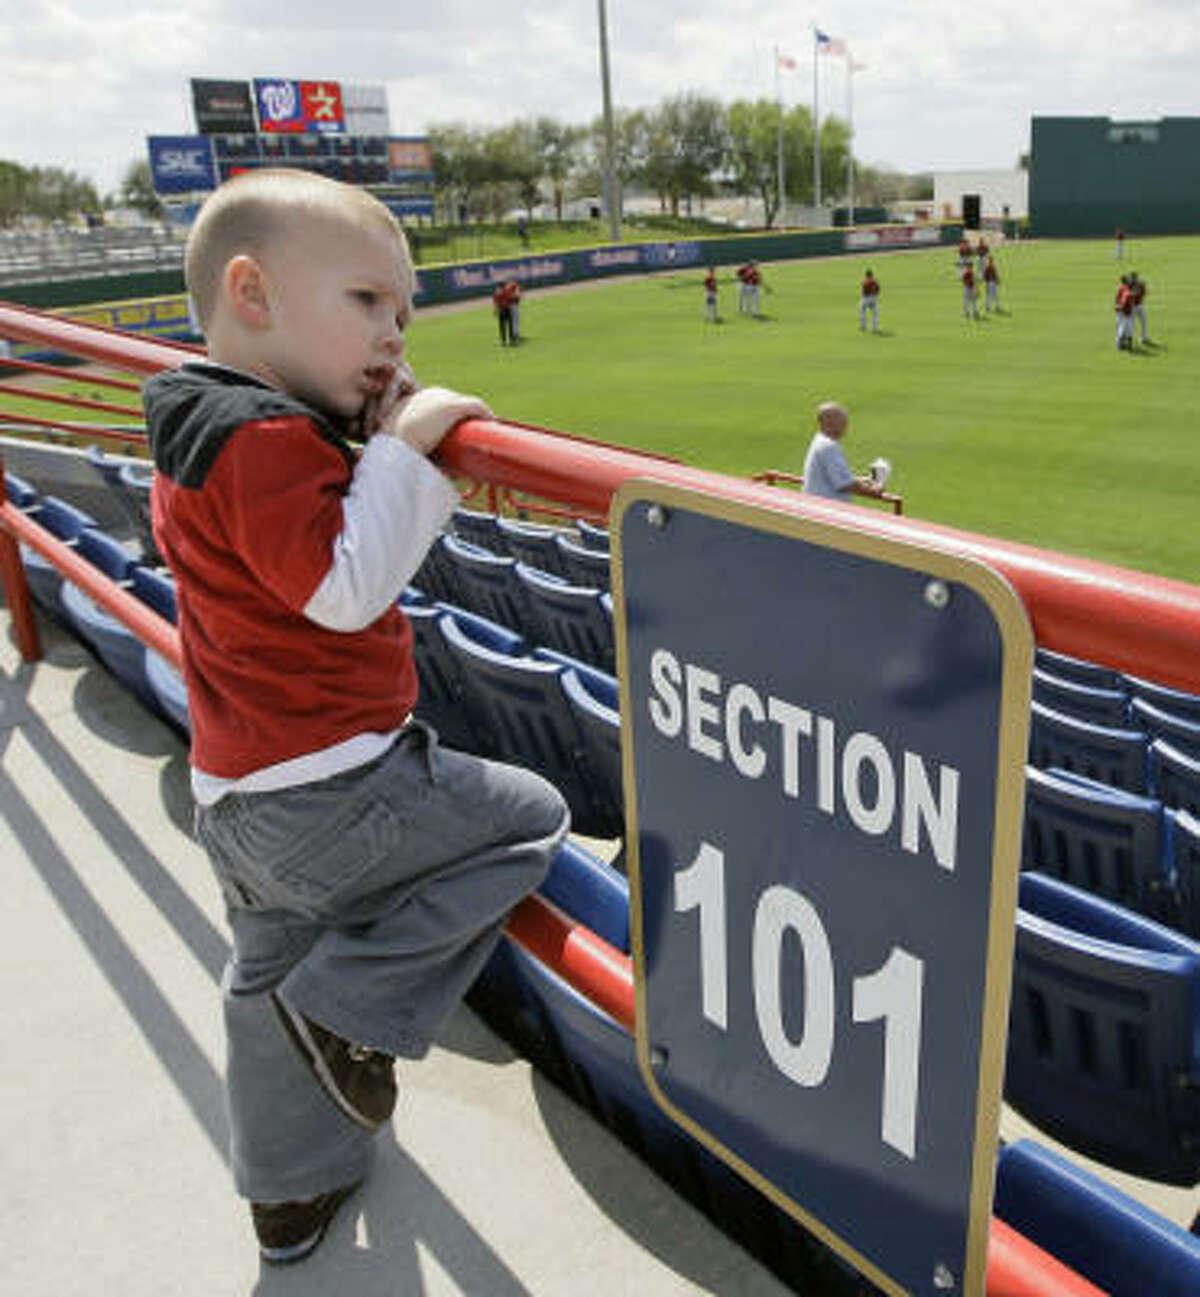 Landon Martin, 2, of Viera, Fla. watches the Astros take batting practice.